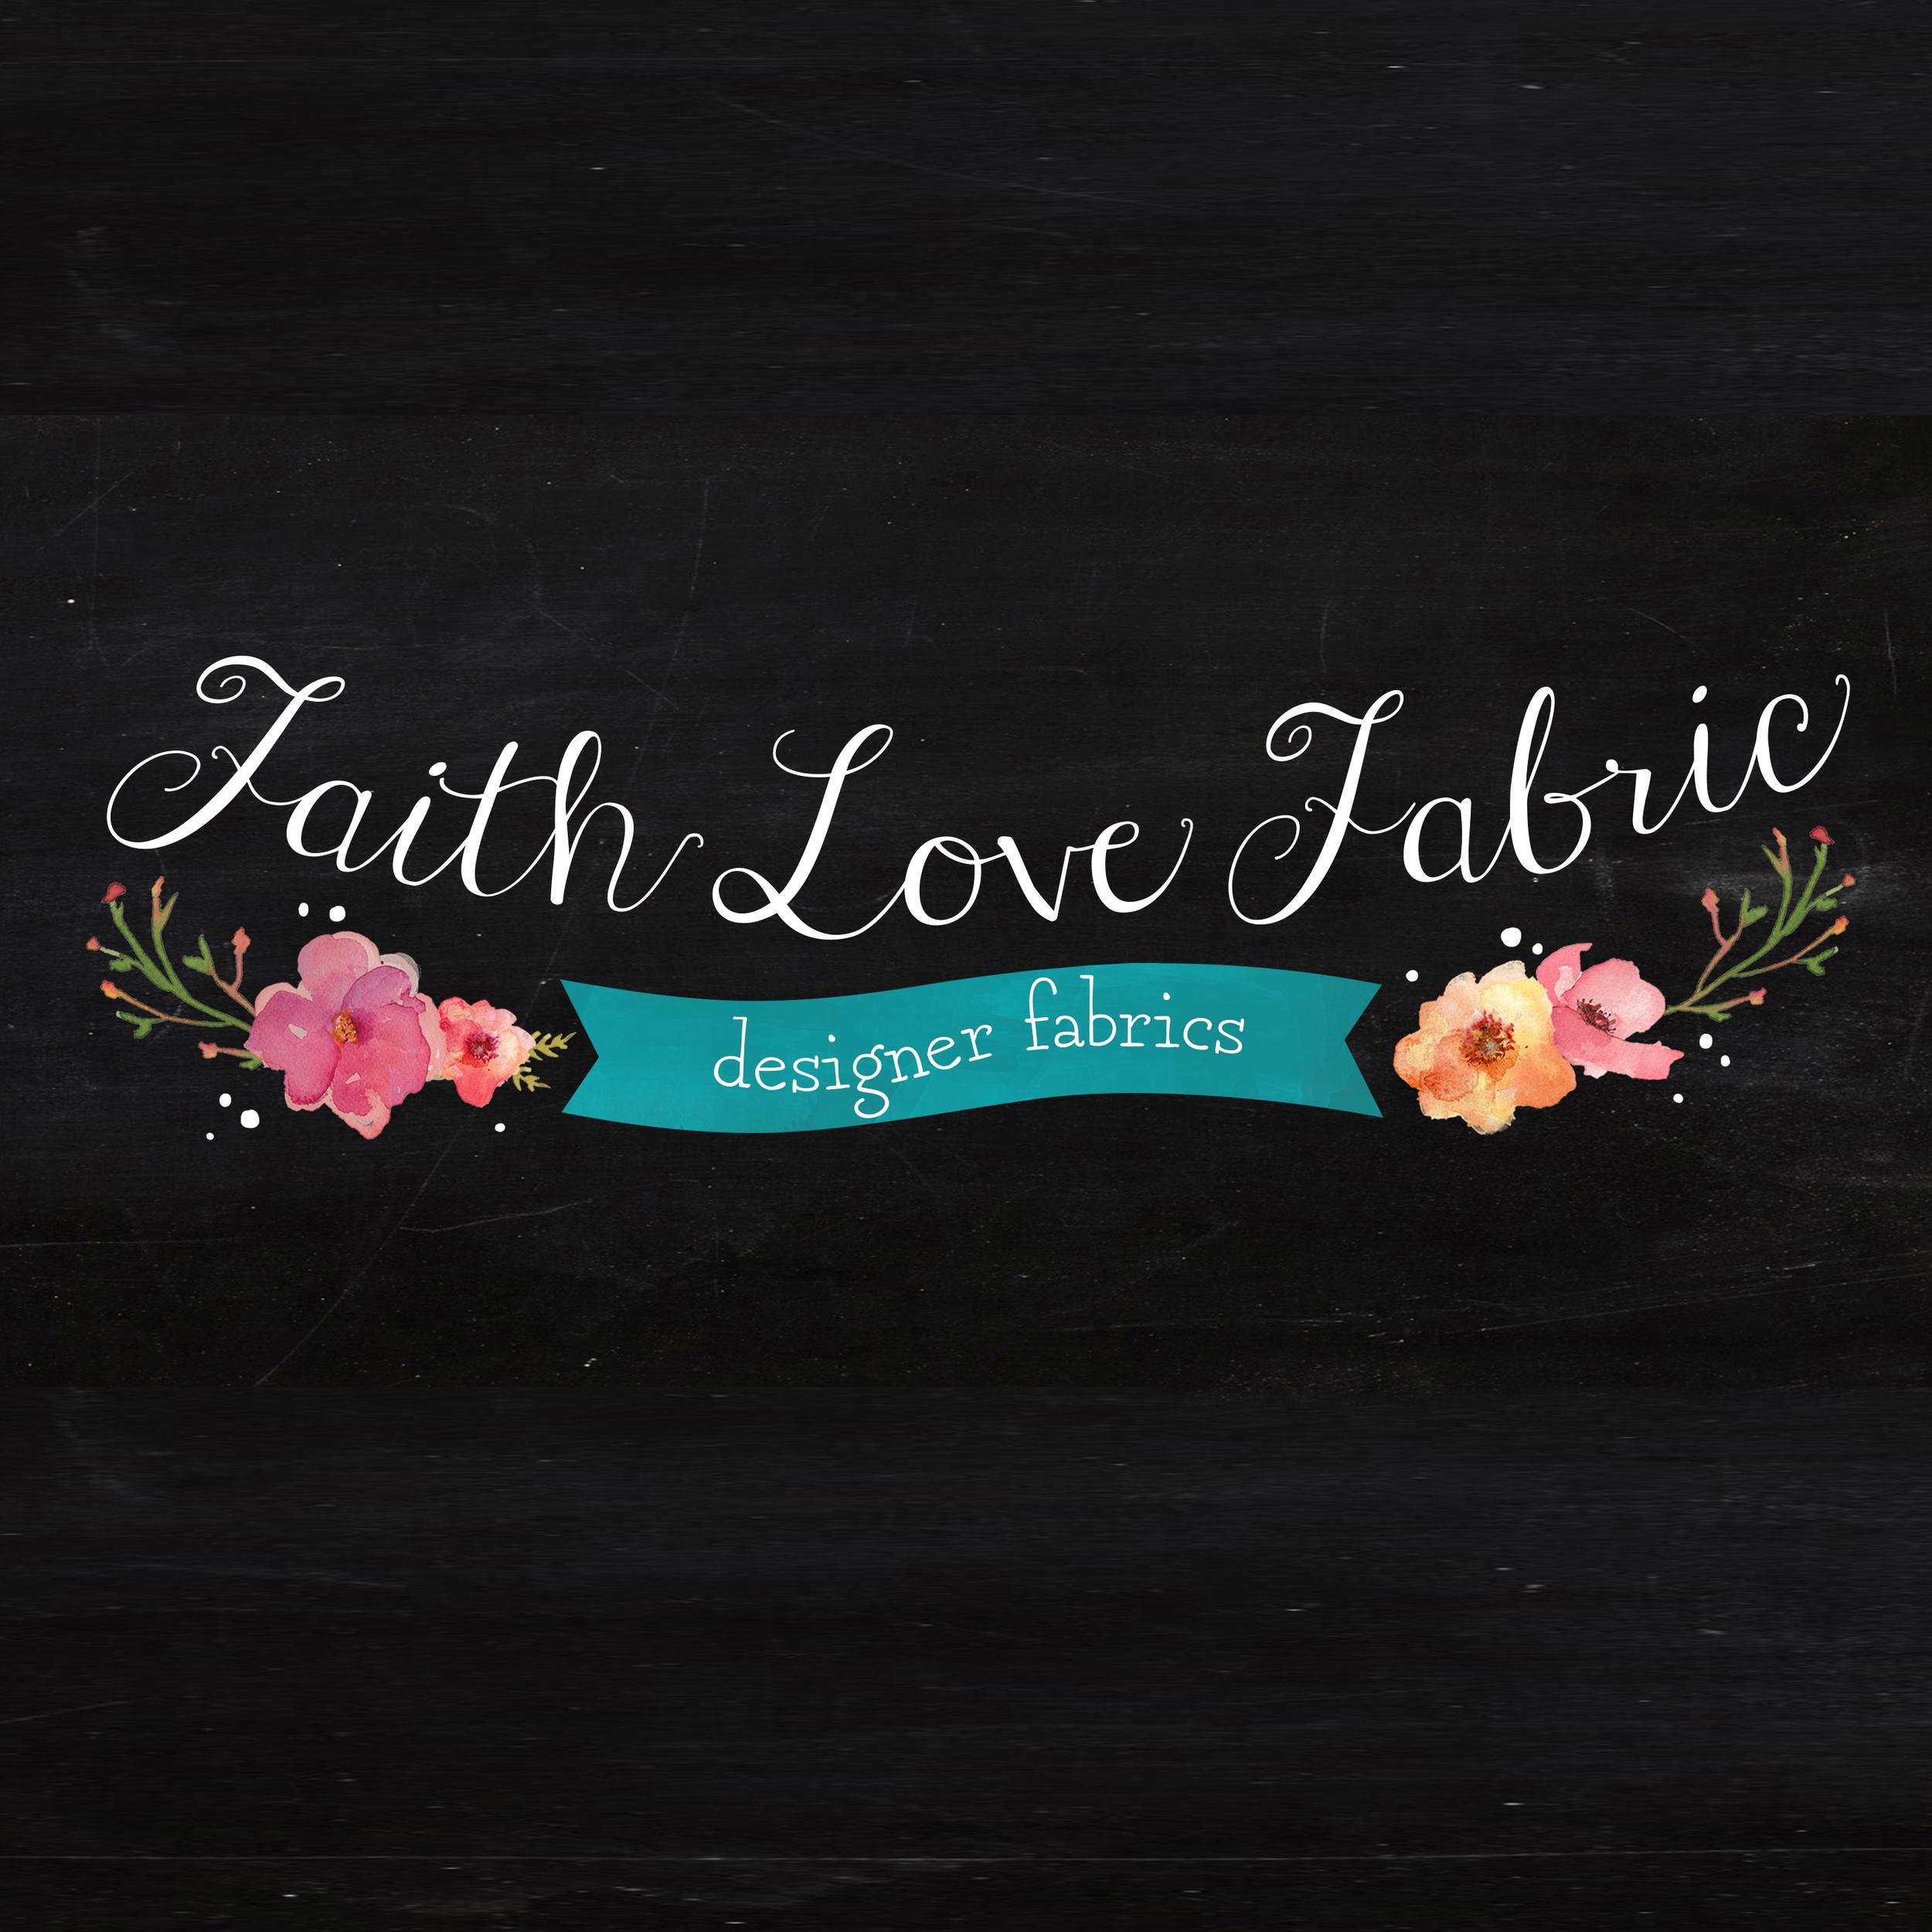 http://www.faithlovefabric.com